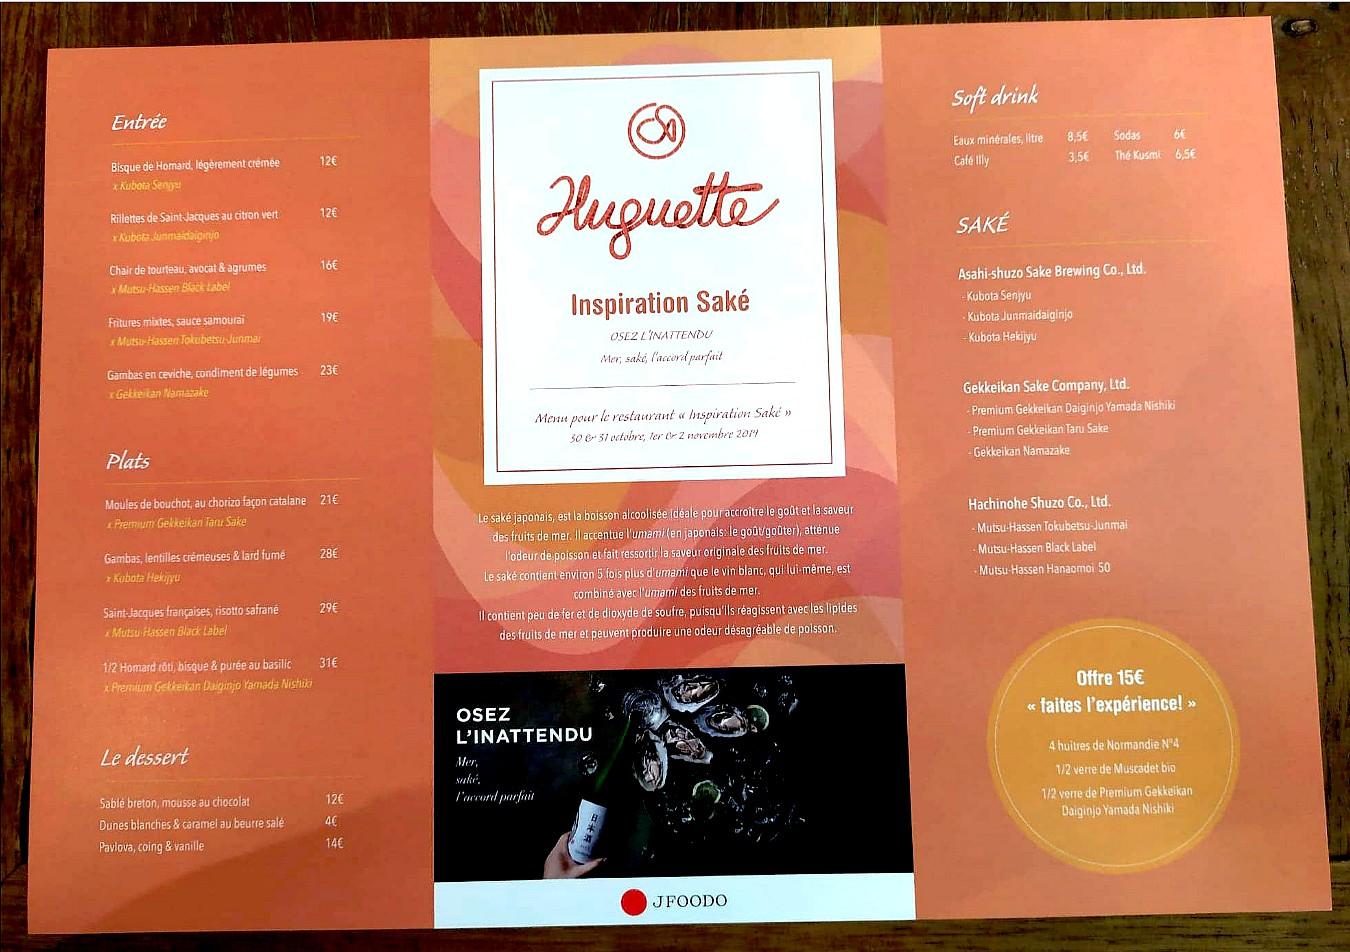 Carte Inspiration Saké – Restaurant Huguette Bistro de la Mer Paris 6